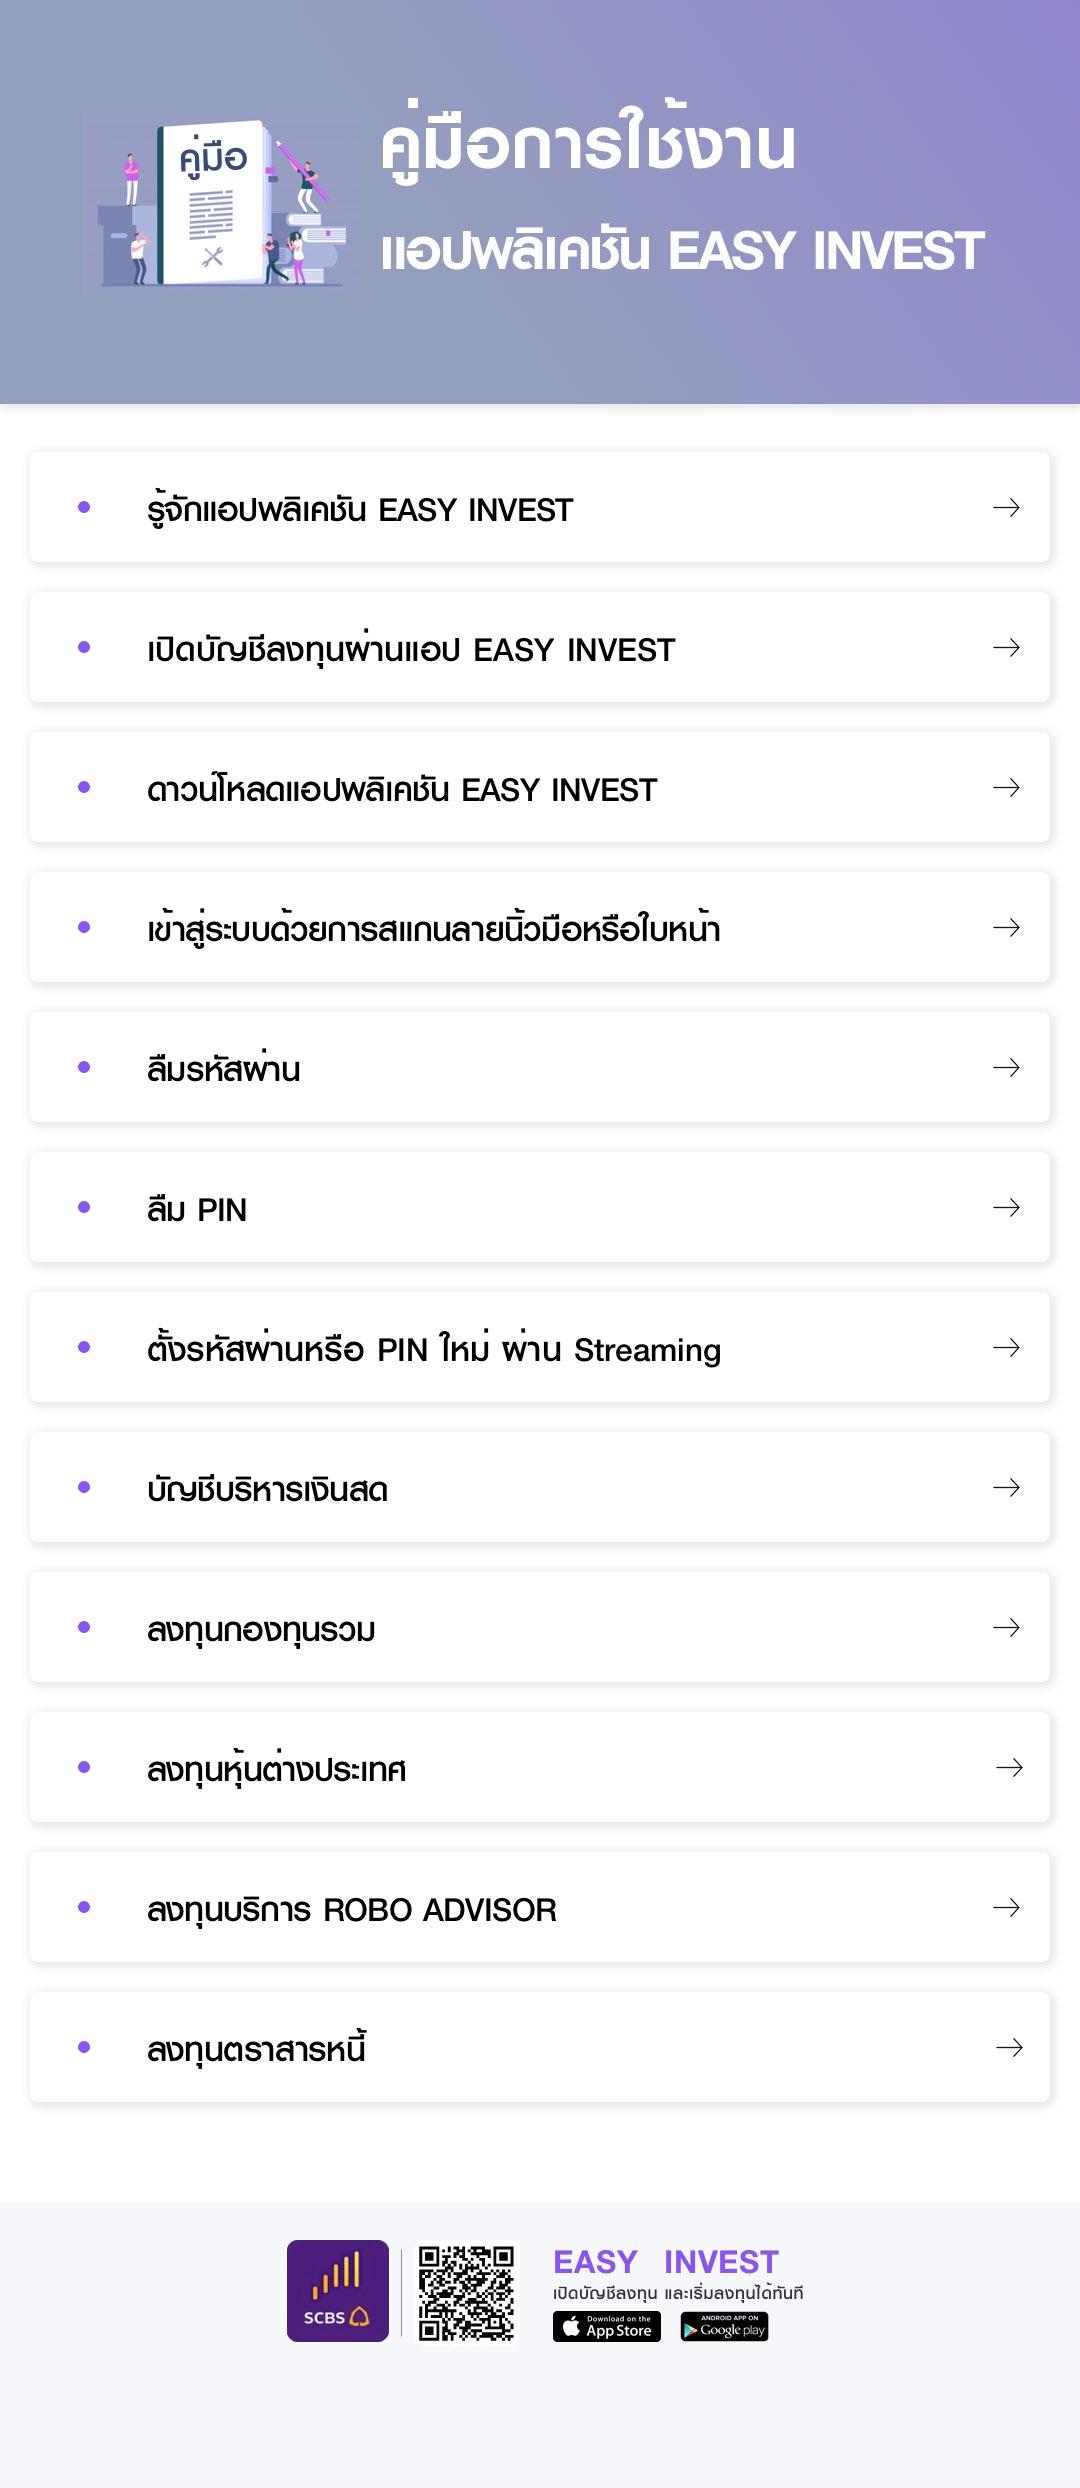 คู่มือการใช้งาน แอปพลิเคชัน EASY INVEST